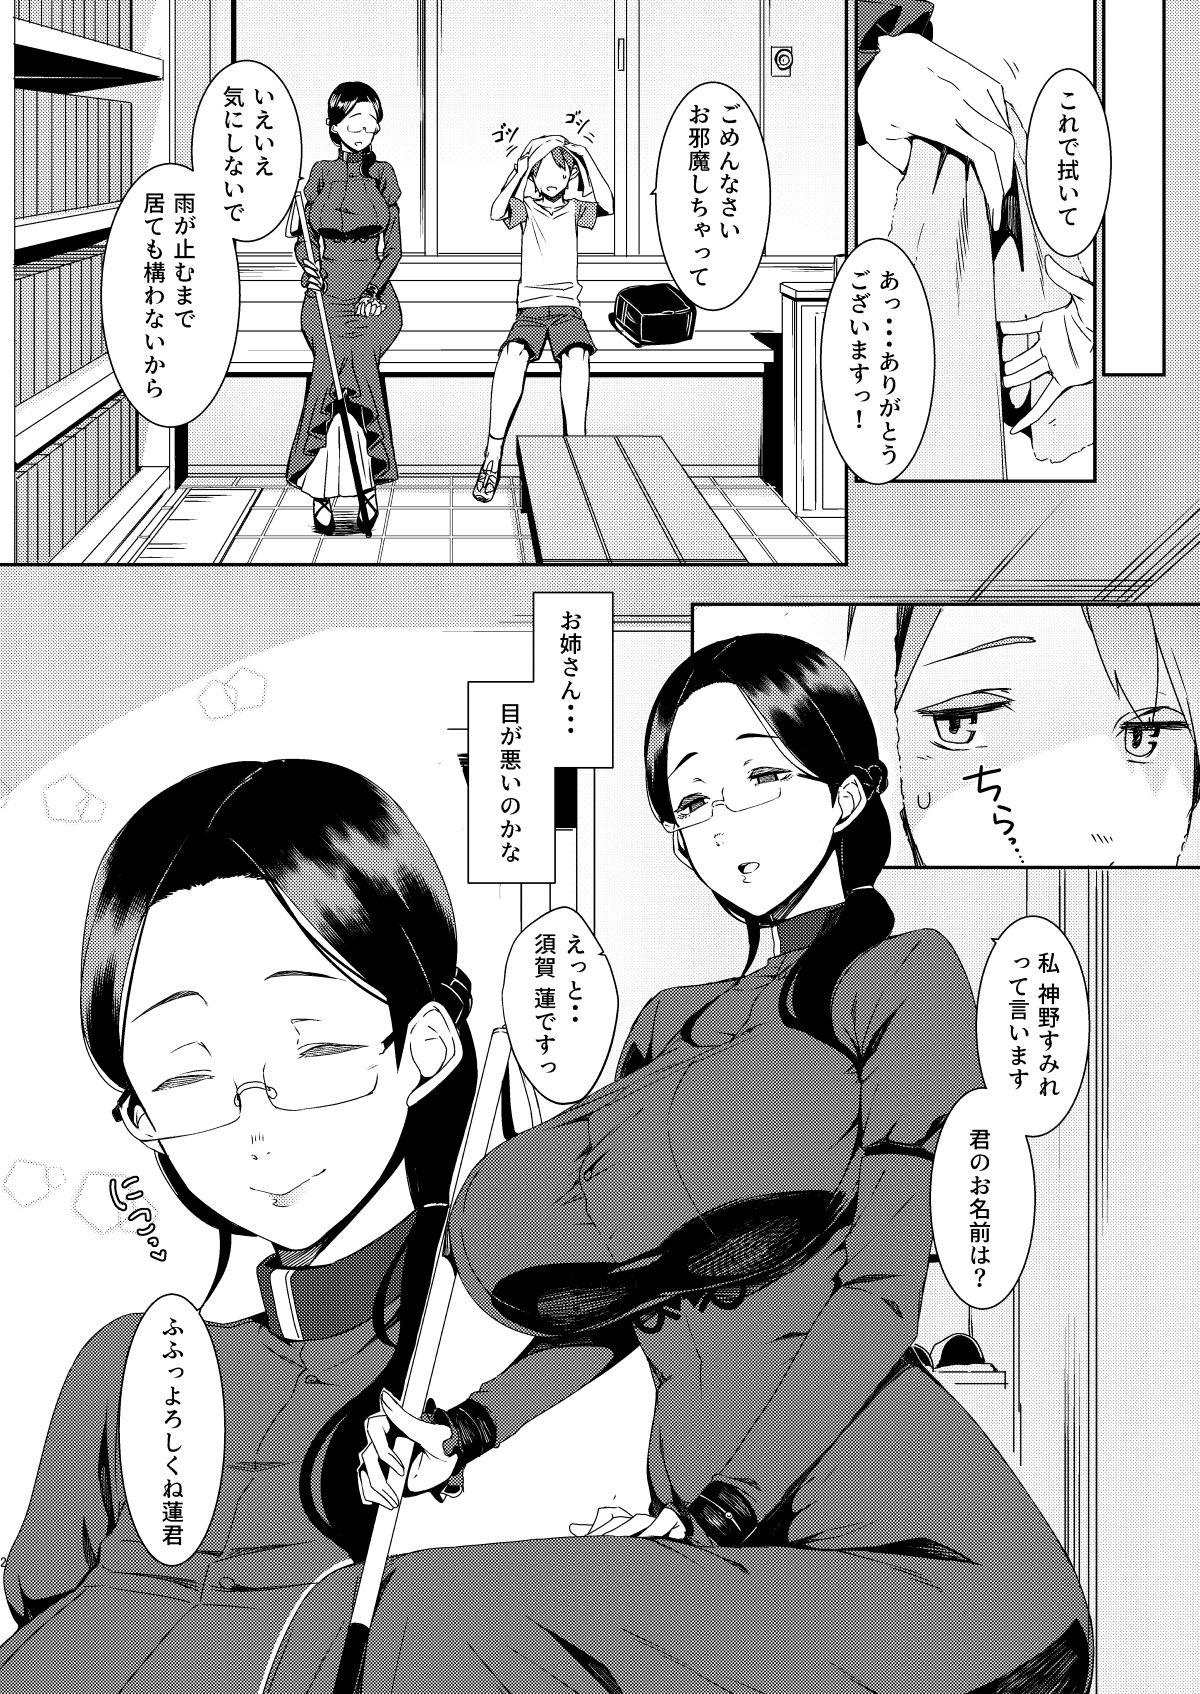 【エロ漫画無料大全集】【巨乳エロ漫画】学校の帰り道に巨乳のお姉さんと出会ってエッチな展開に…